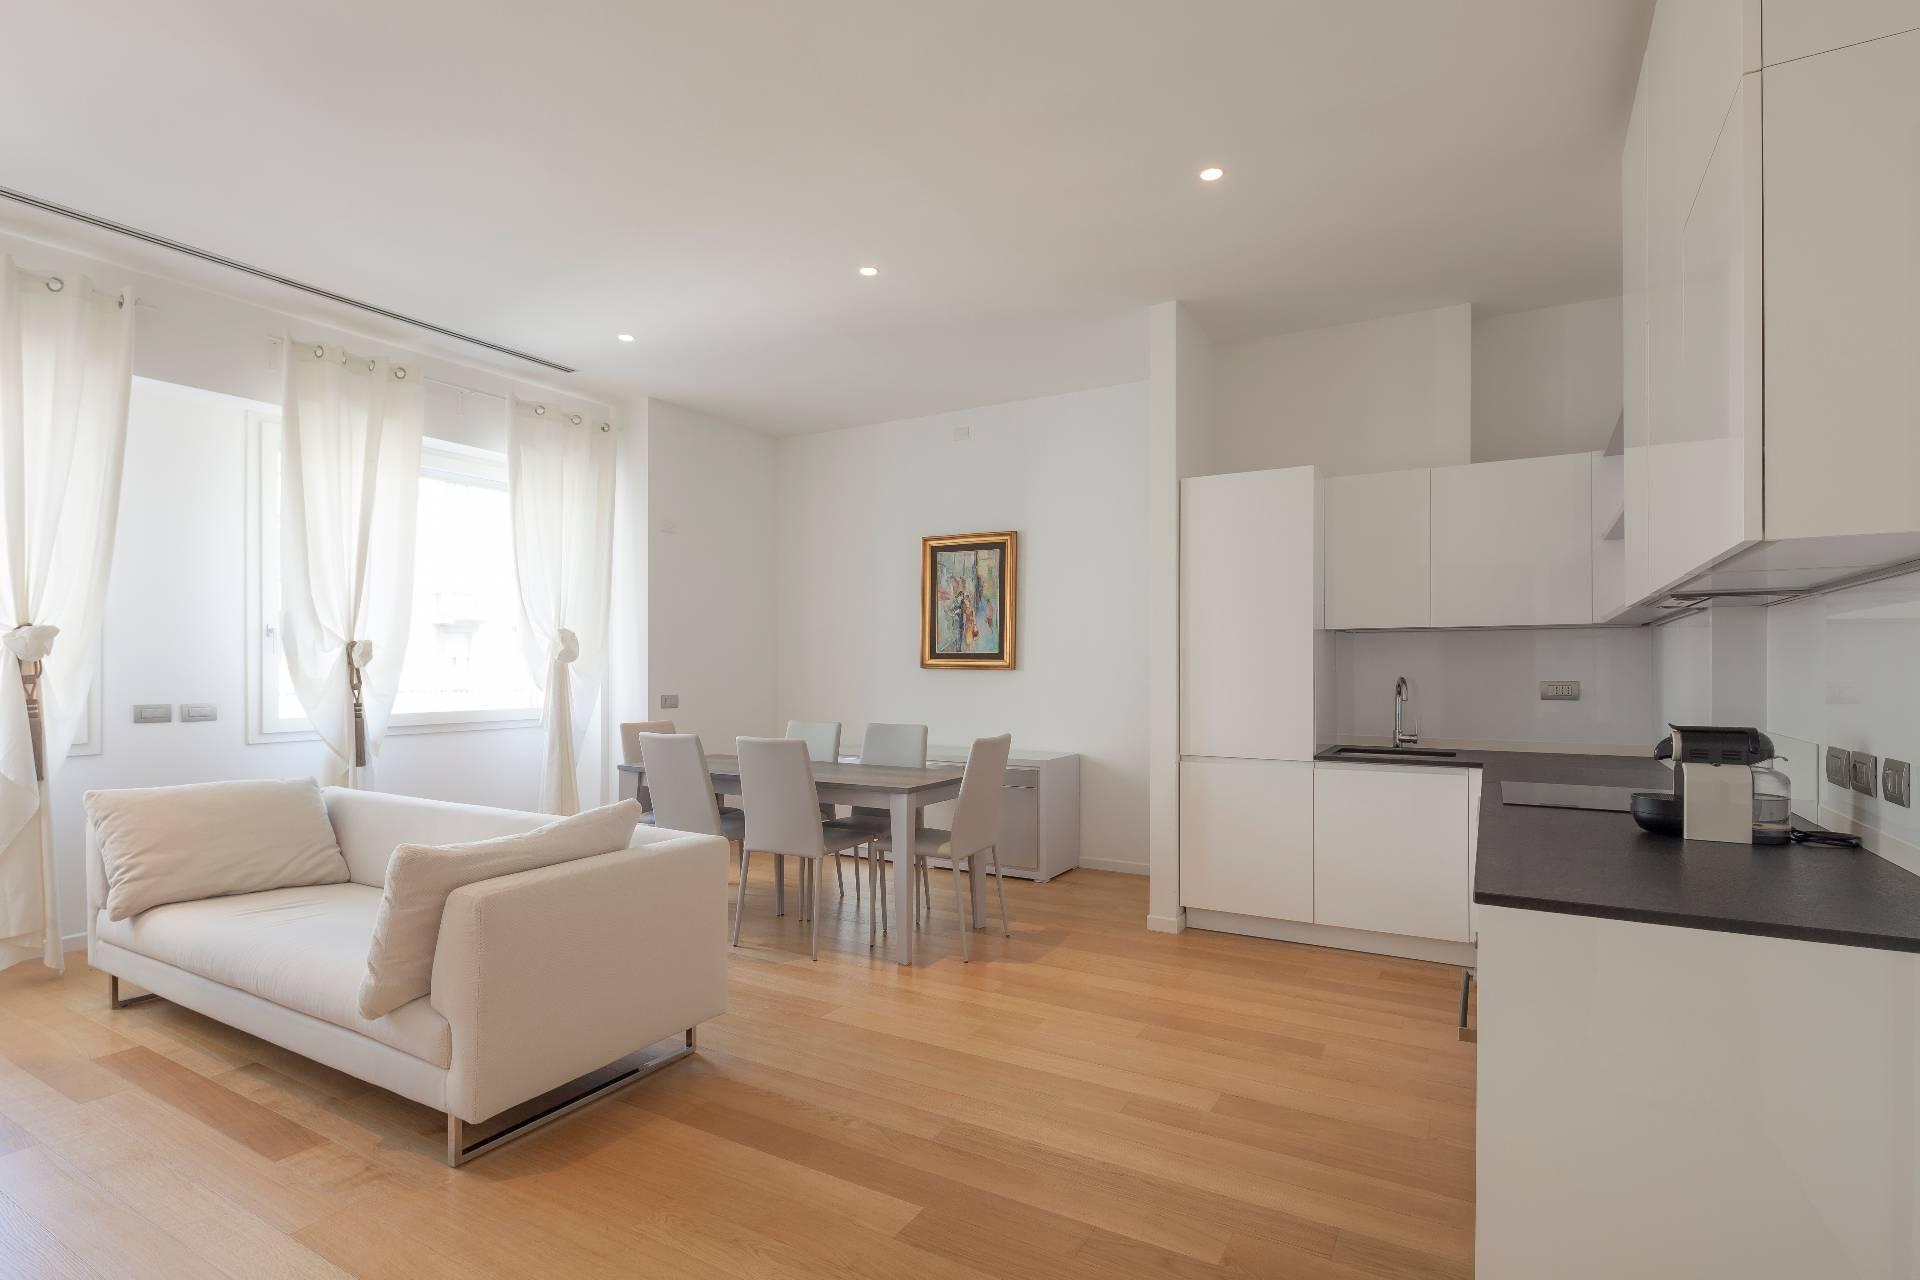 Appartamento in Vendita a Milano: 3 locali, 68 mq - Foto 2